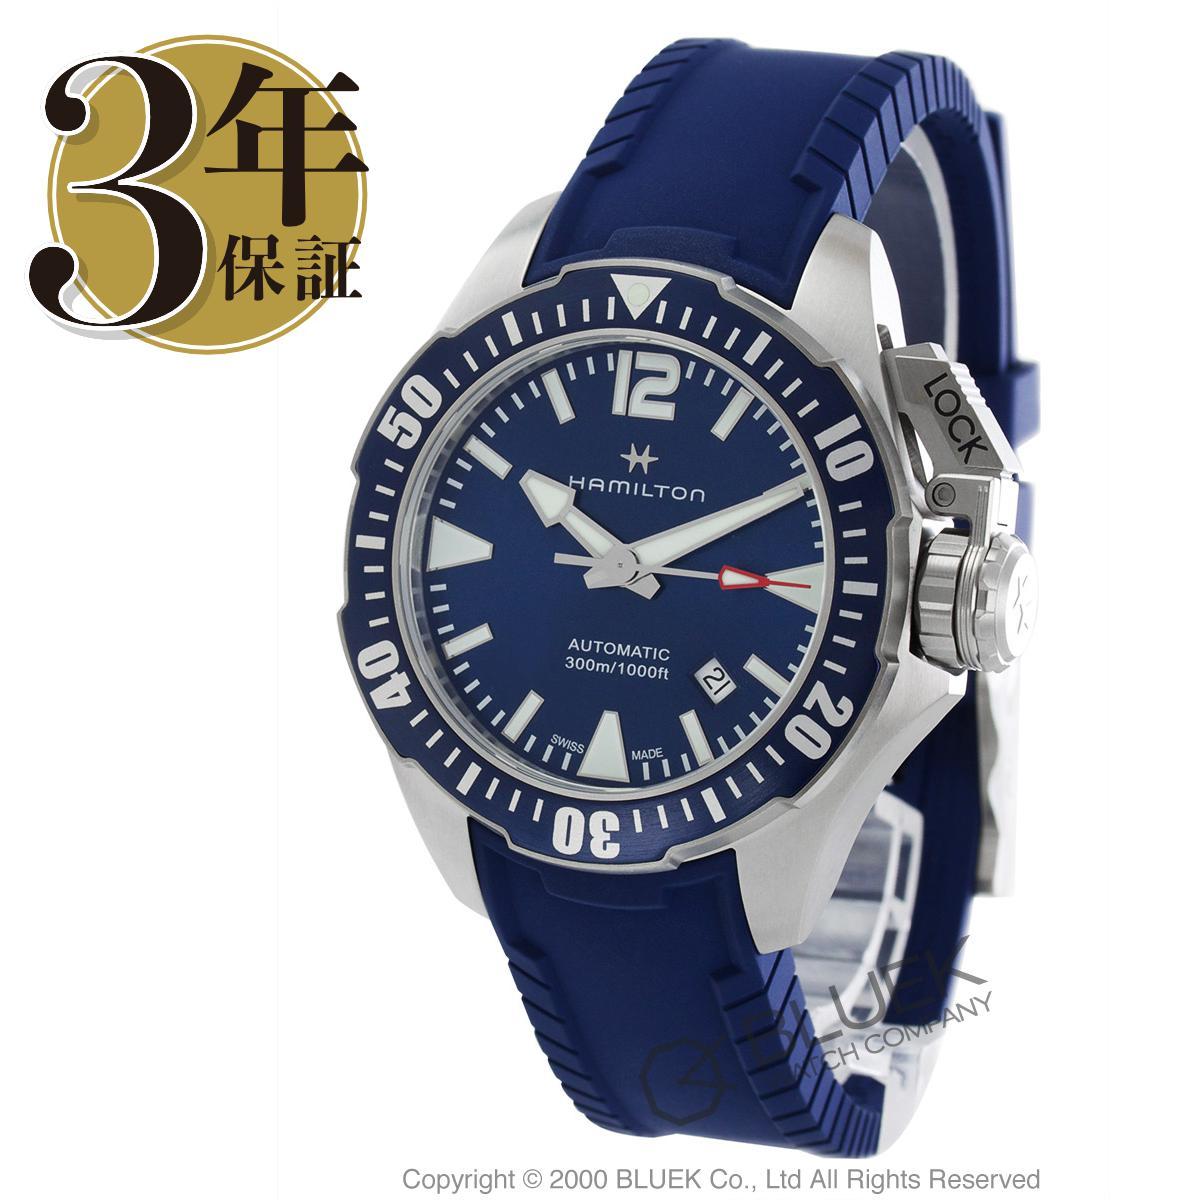 ハミルトン カーキ ネイビー オープンウォーター 300m防水 腕時計 メンズ HAMILTON H77705345_8 バーゲン 成人祝い ギフト プレゼント